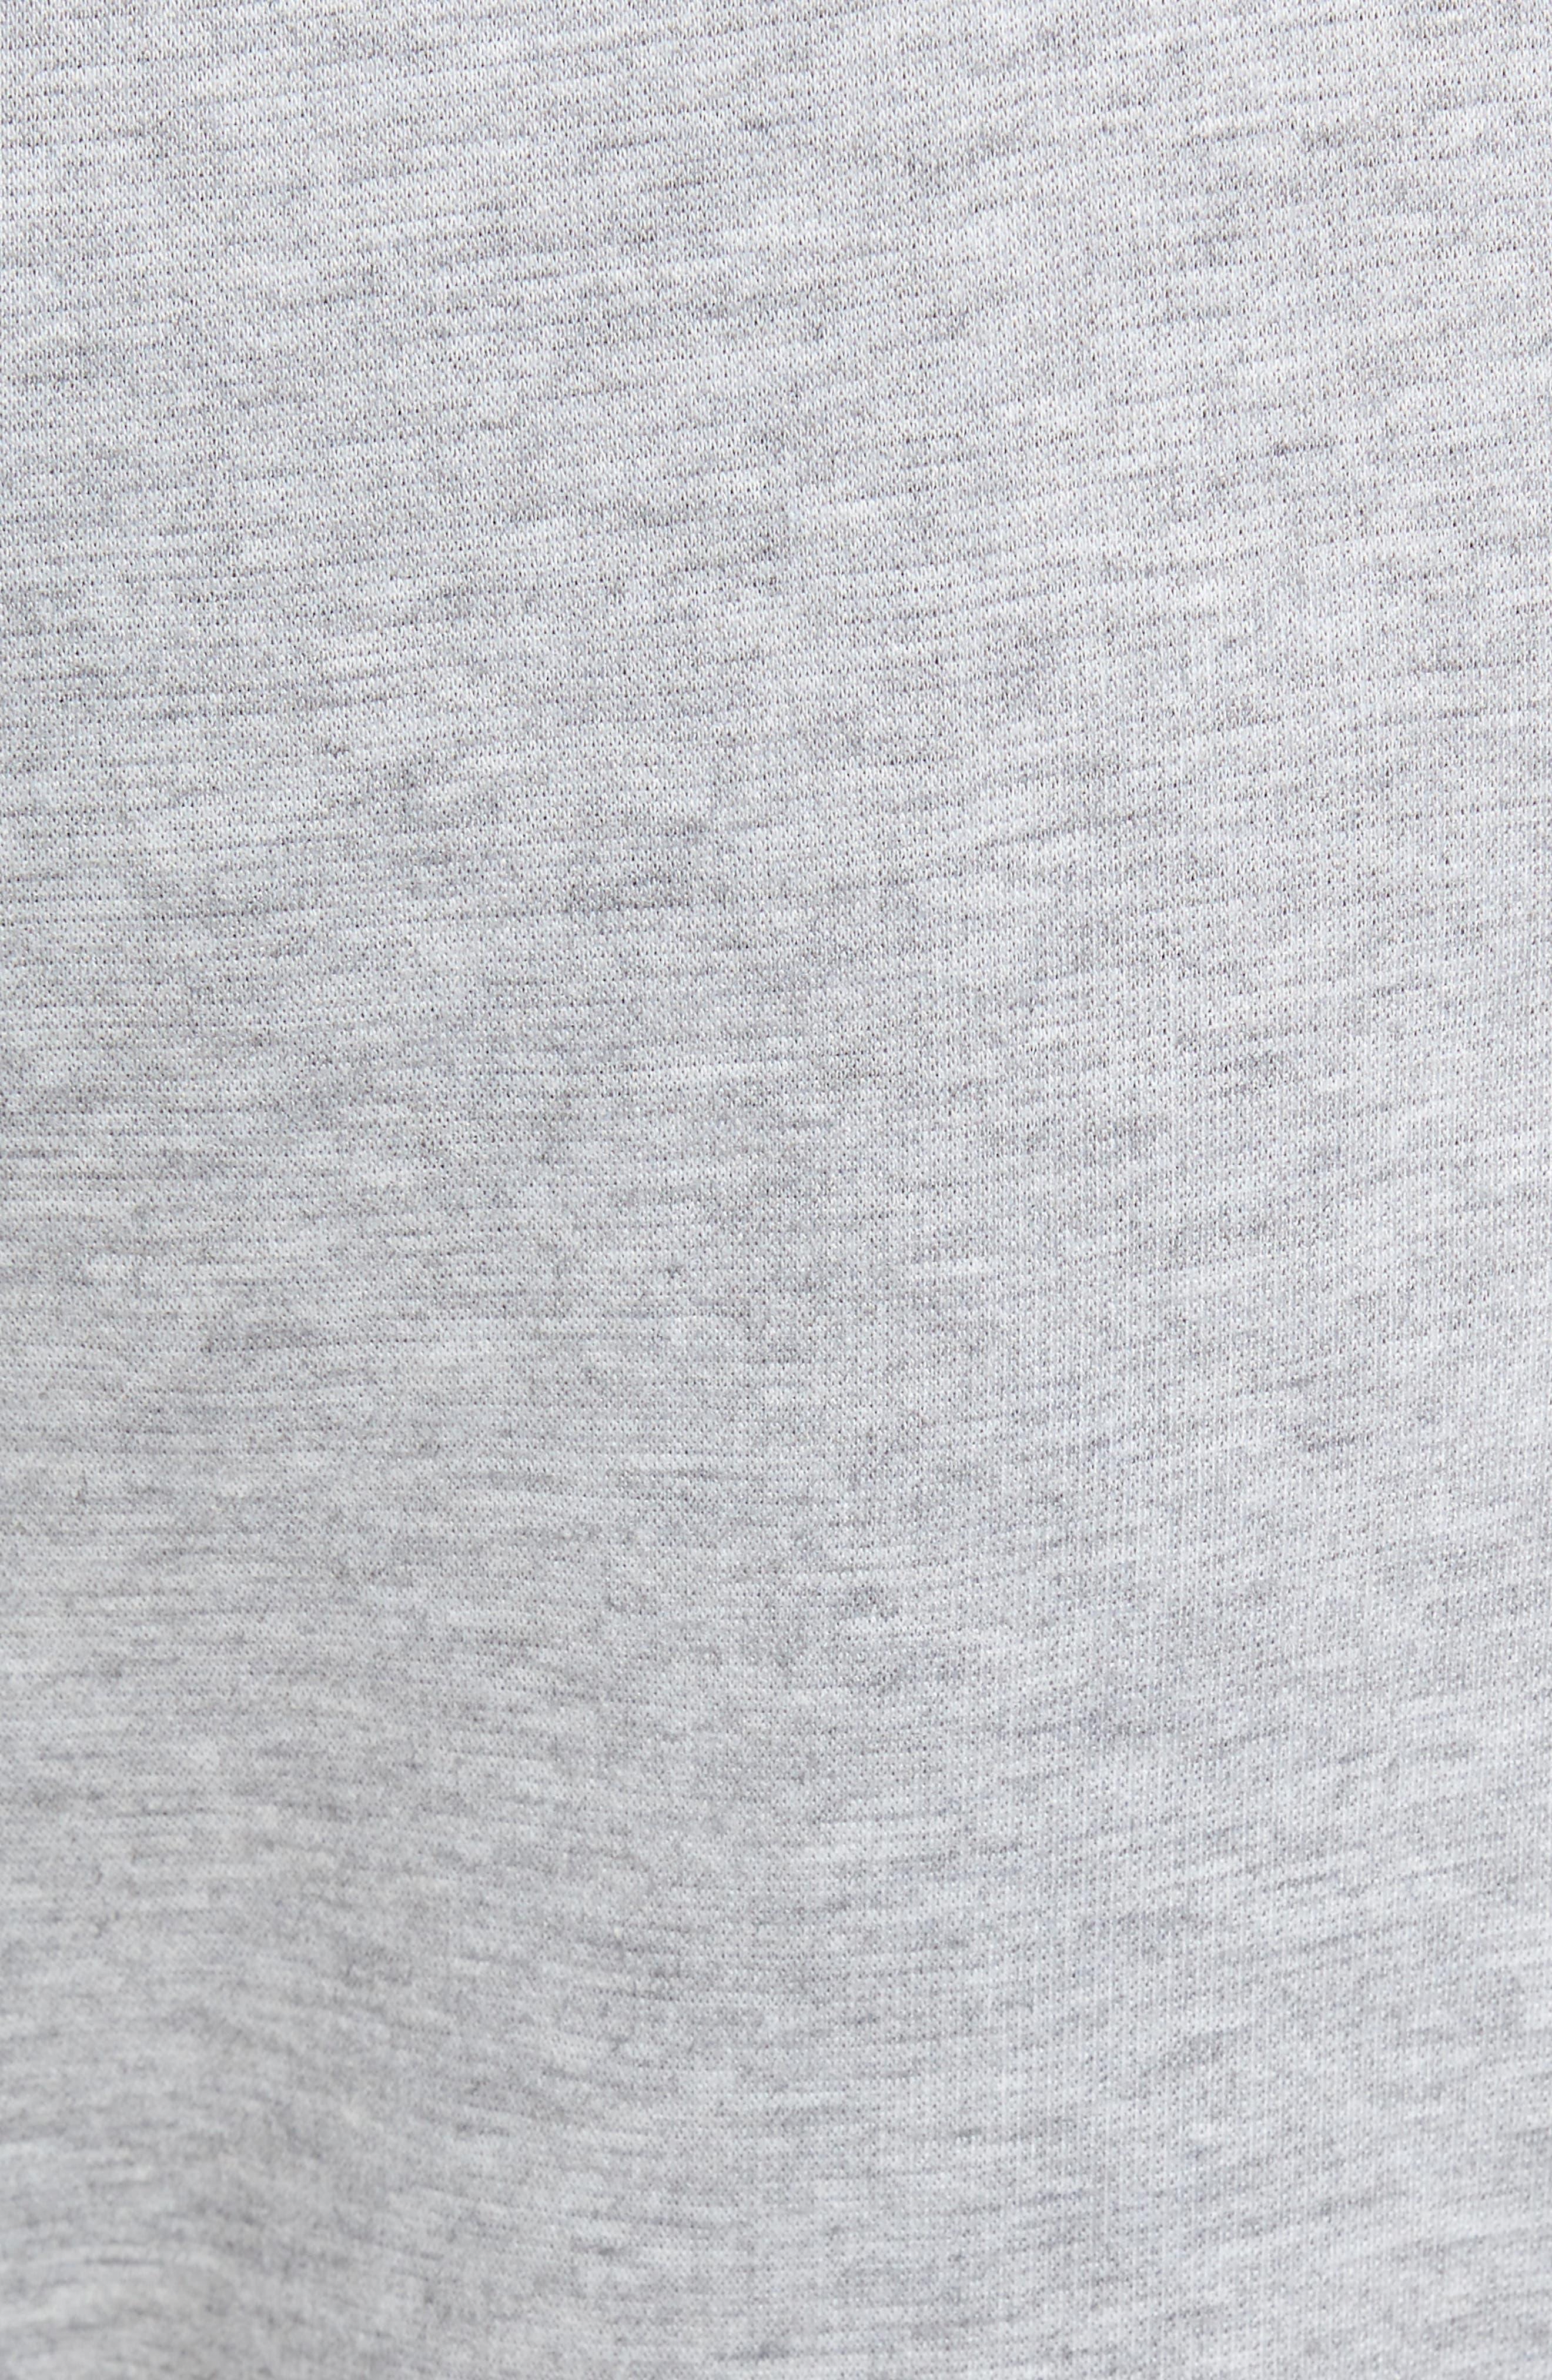 Double Take Knit Lounge Pants,                             Alternate thumbnail 5, color,                             Grey